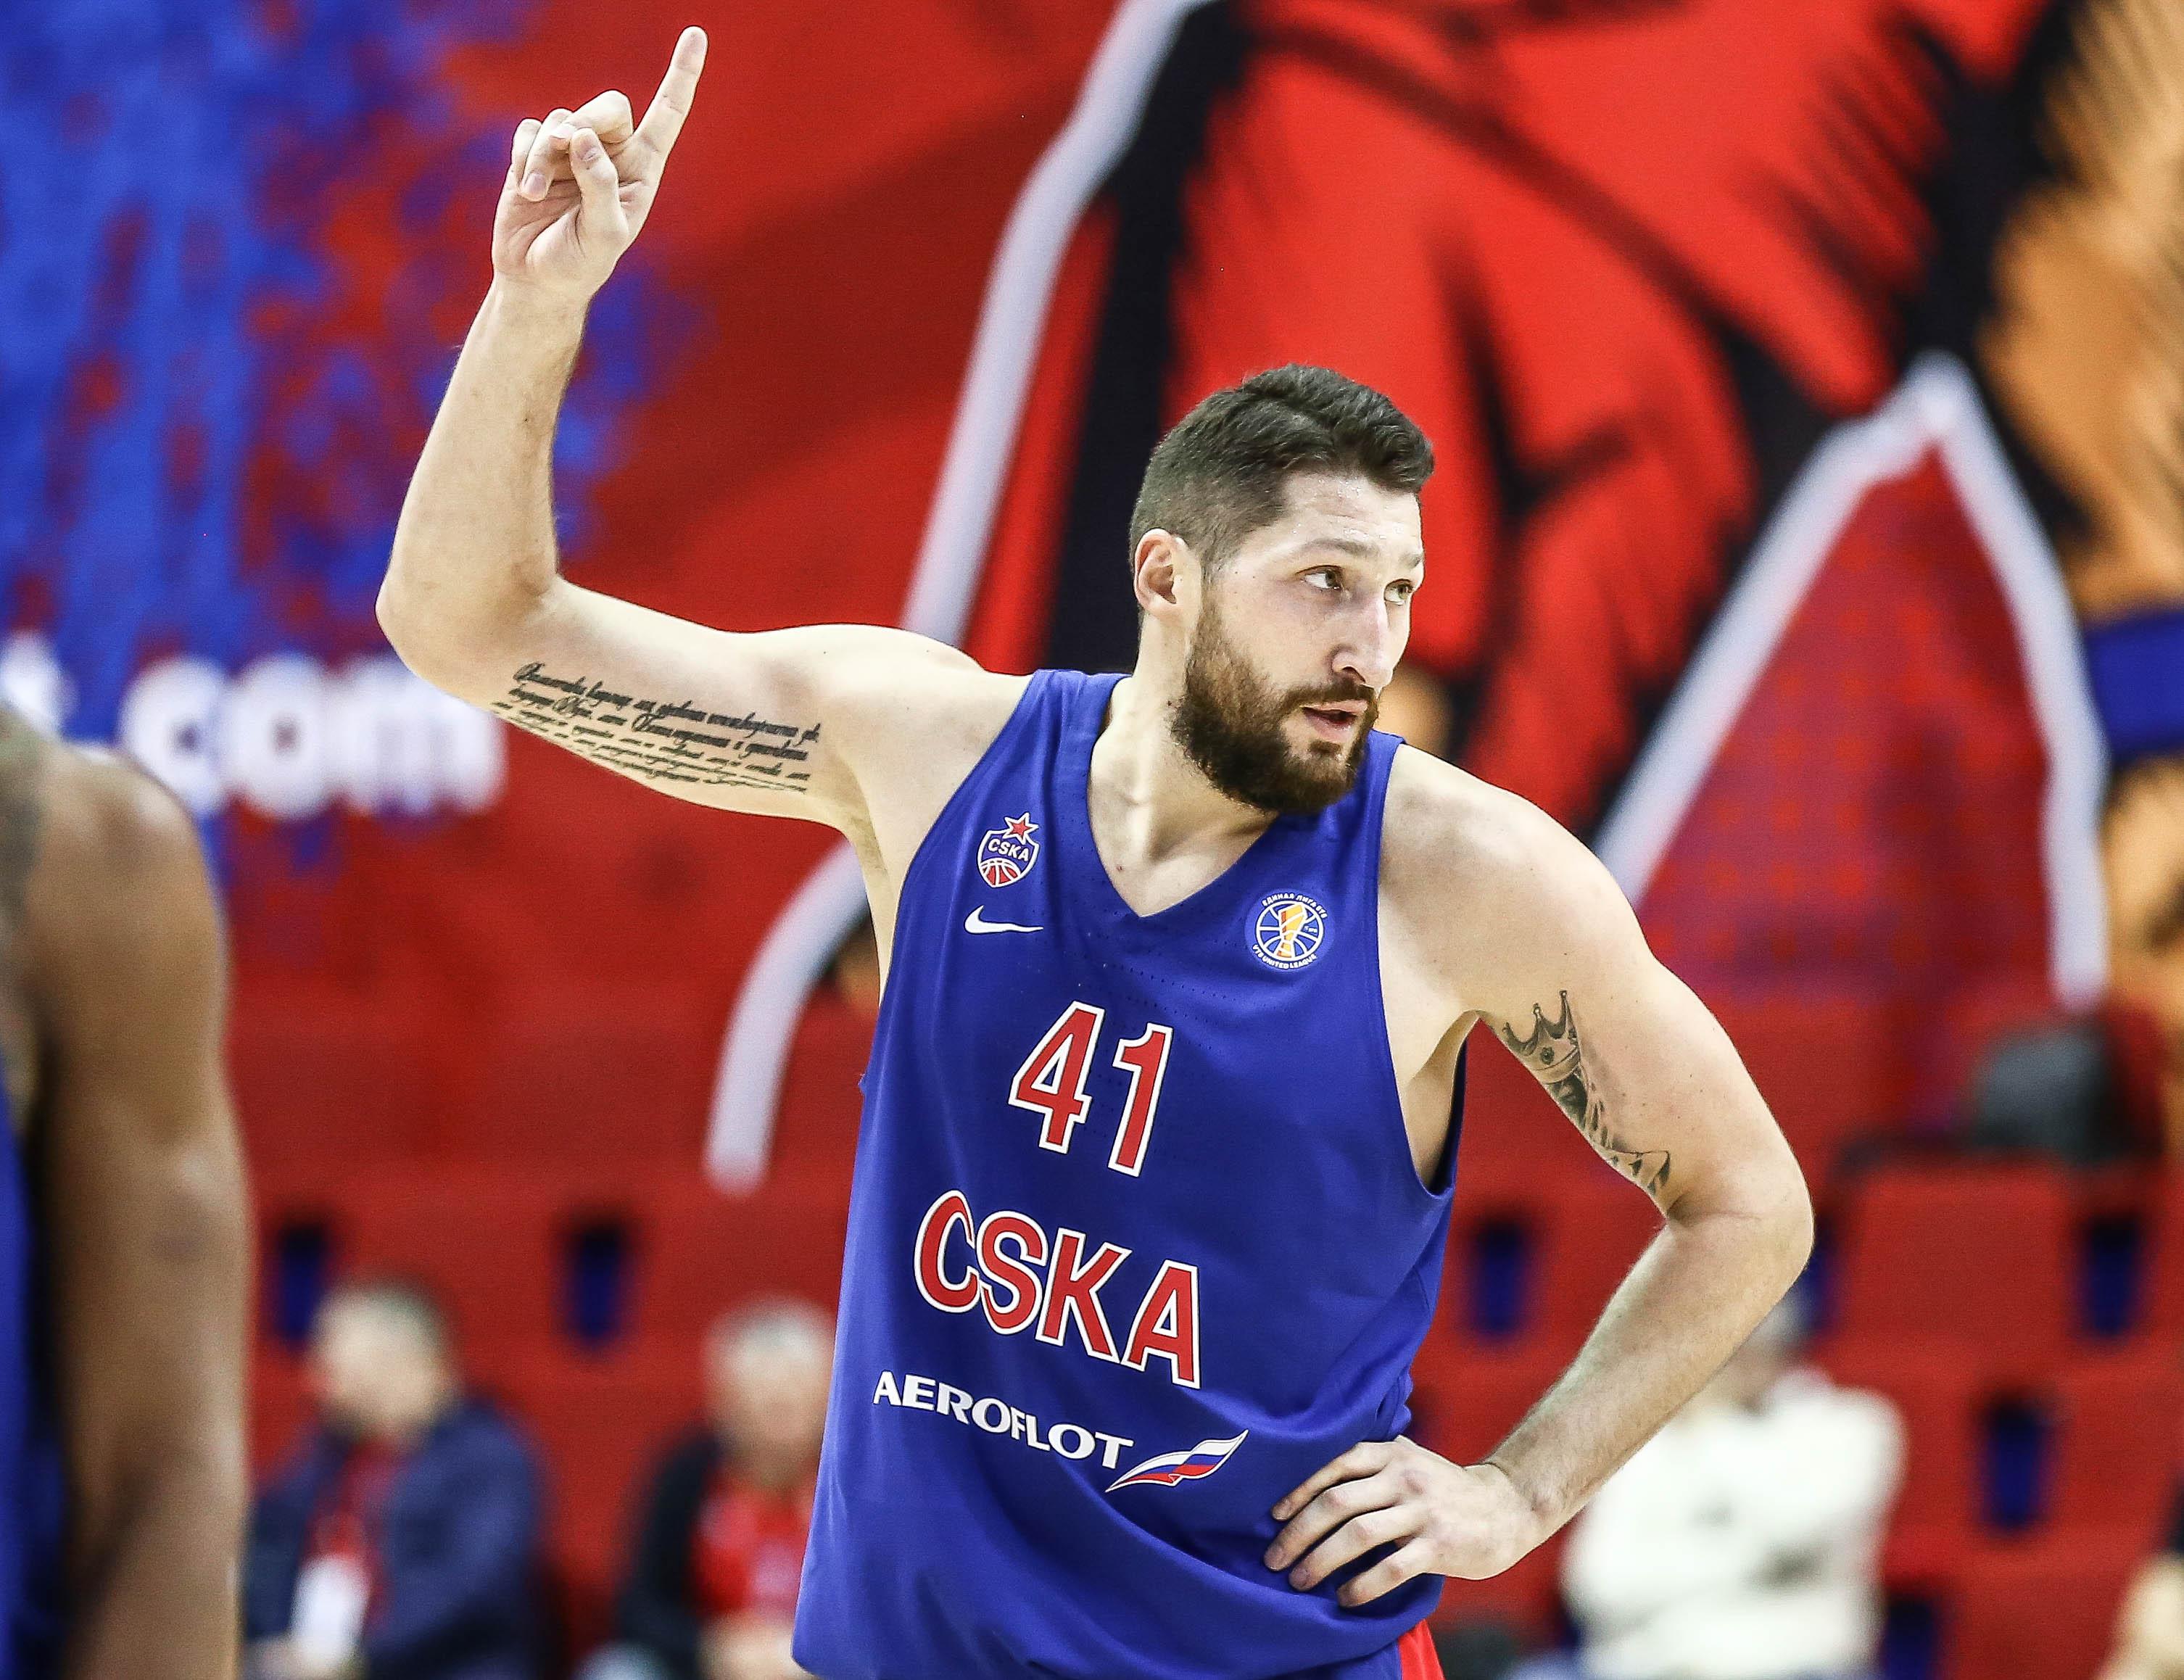 Никита Курбанов:  «Последнее поражение от «Химок» придает дополнительную мотивацию»